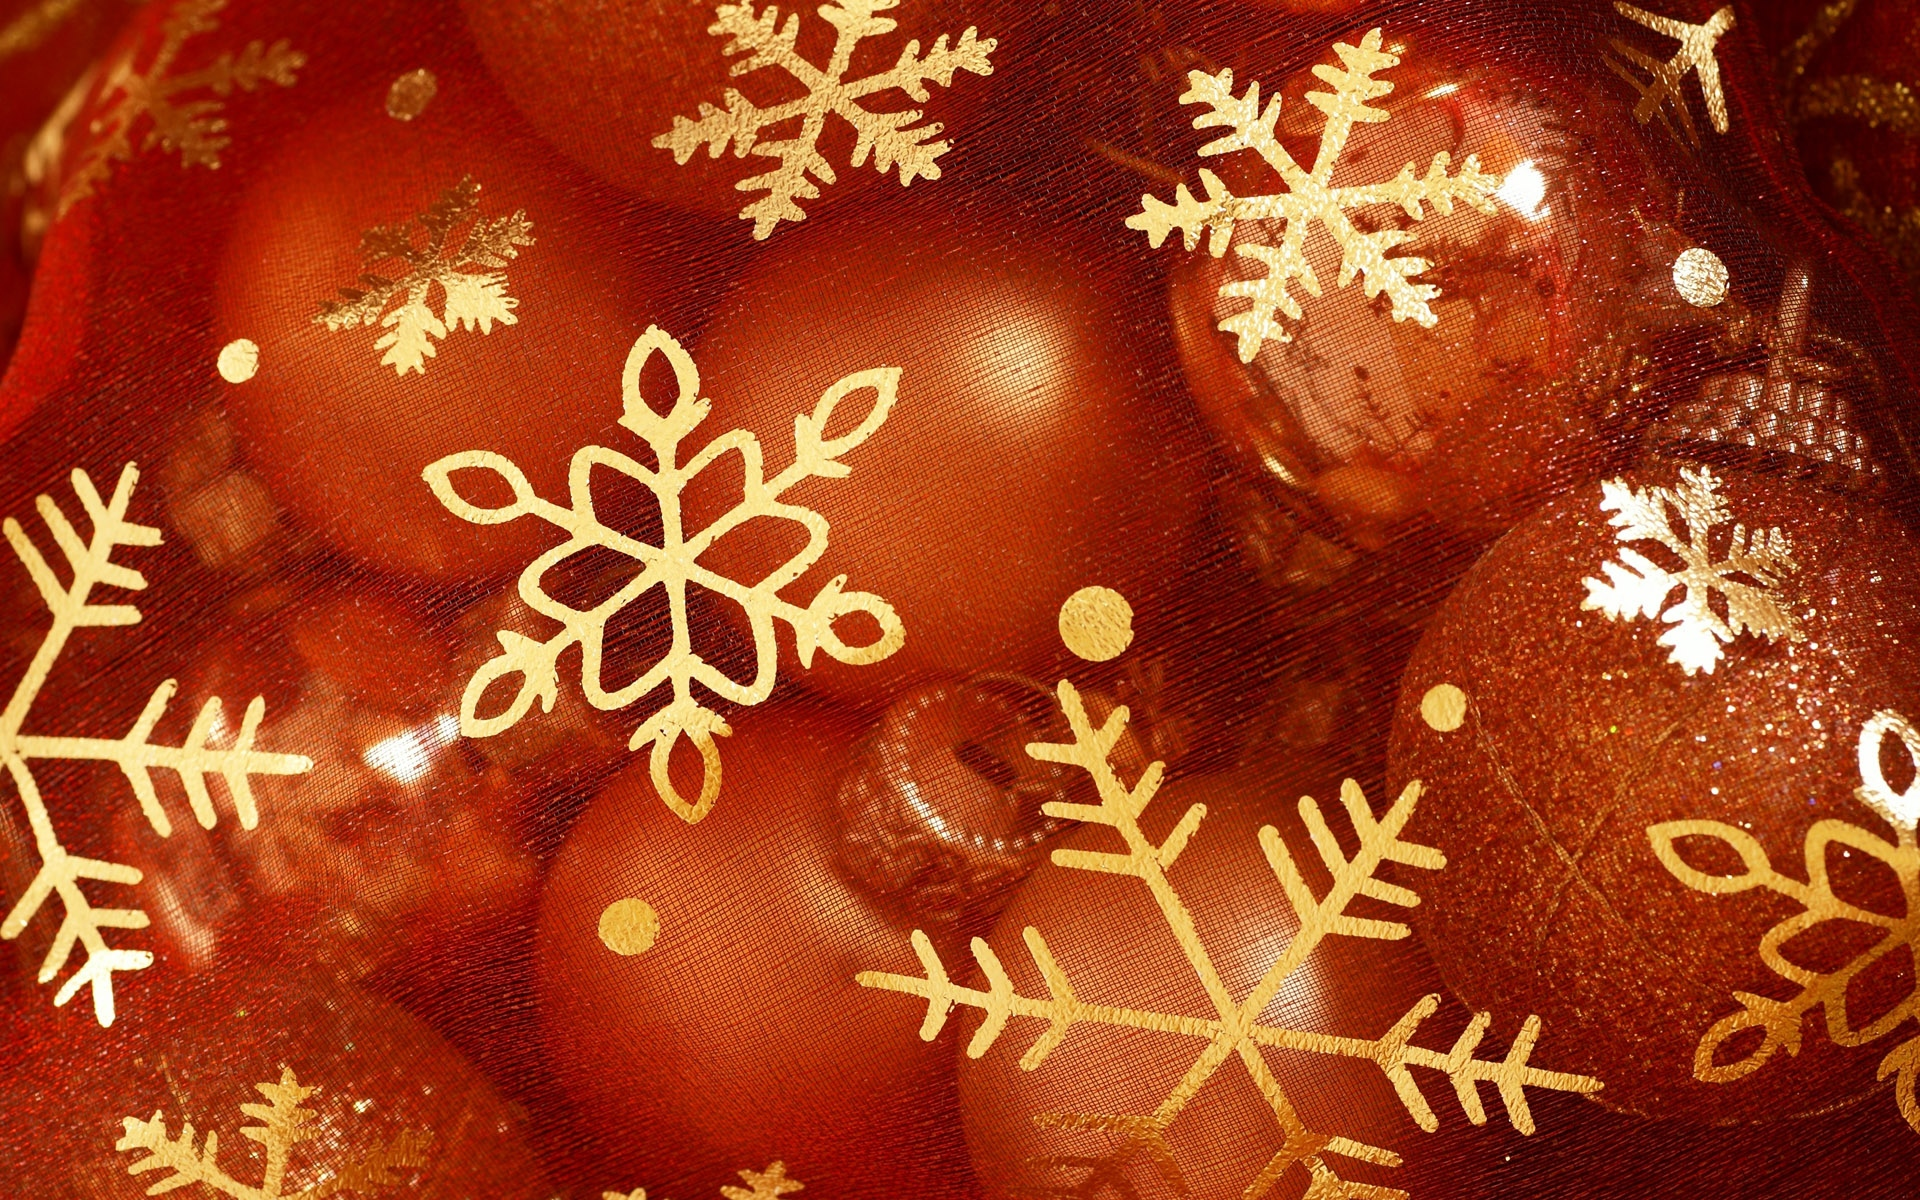 Adornos por navidad - 1920x1200